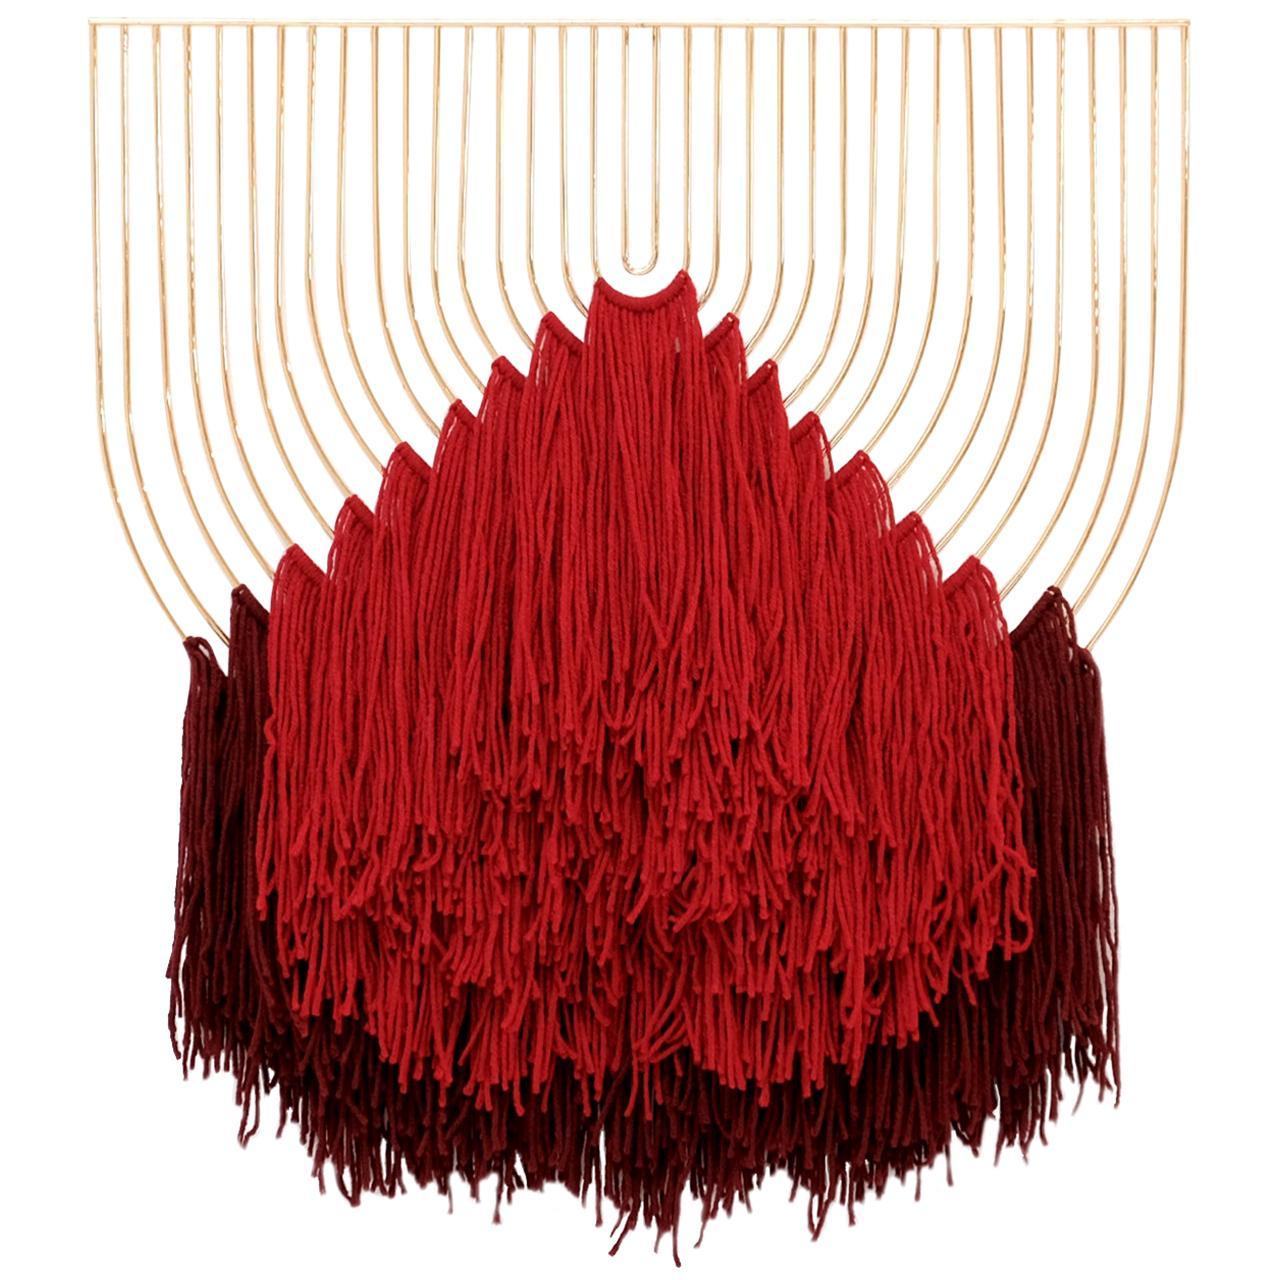 Modern Macramé Art, Wire Macramé Art Piece by Bend Goods, Red Maroon